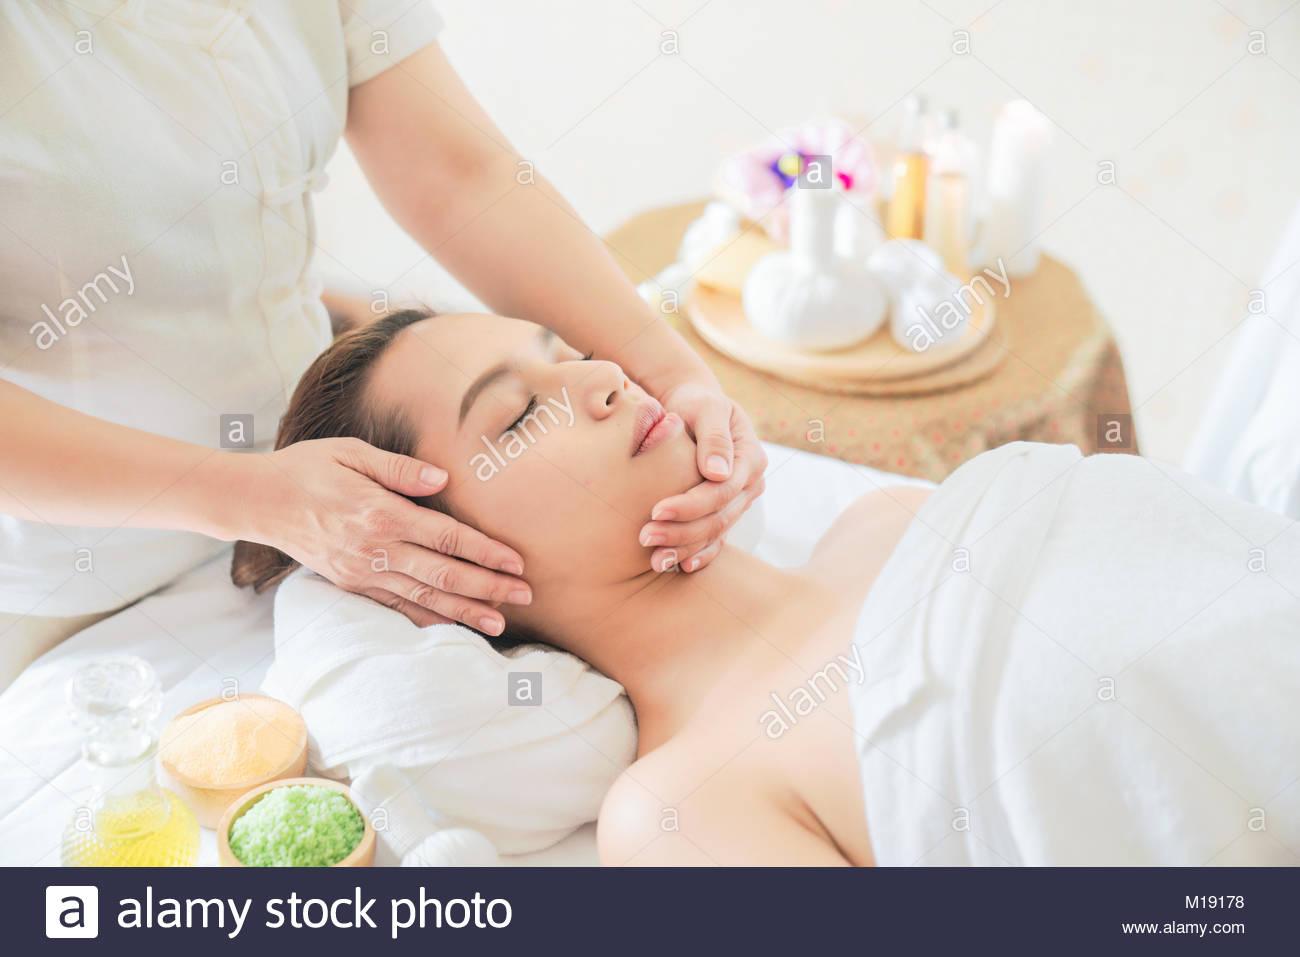 massage sandviken latex trosor